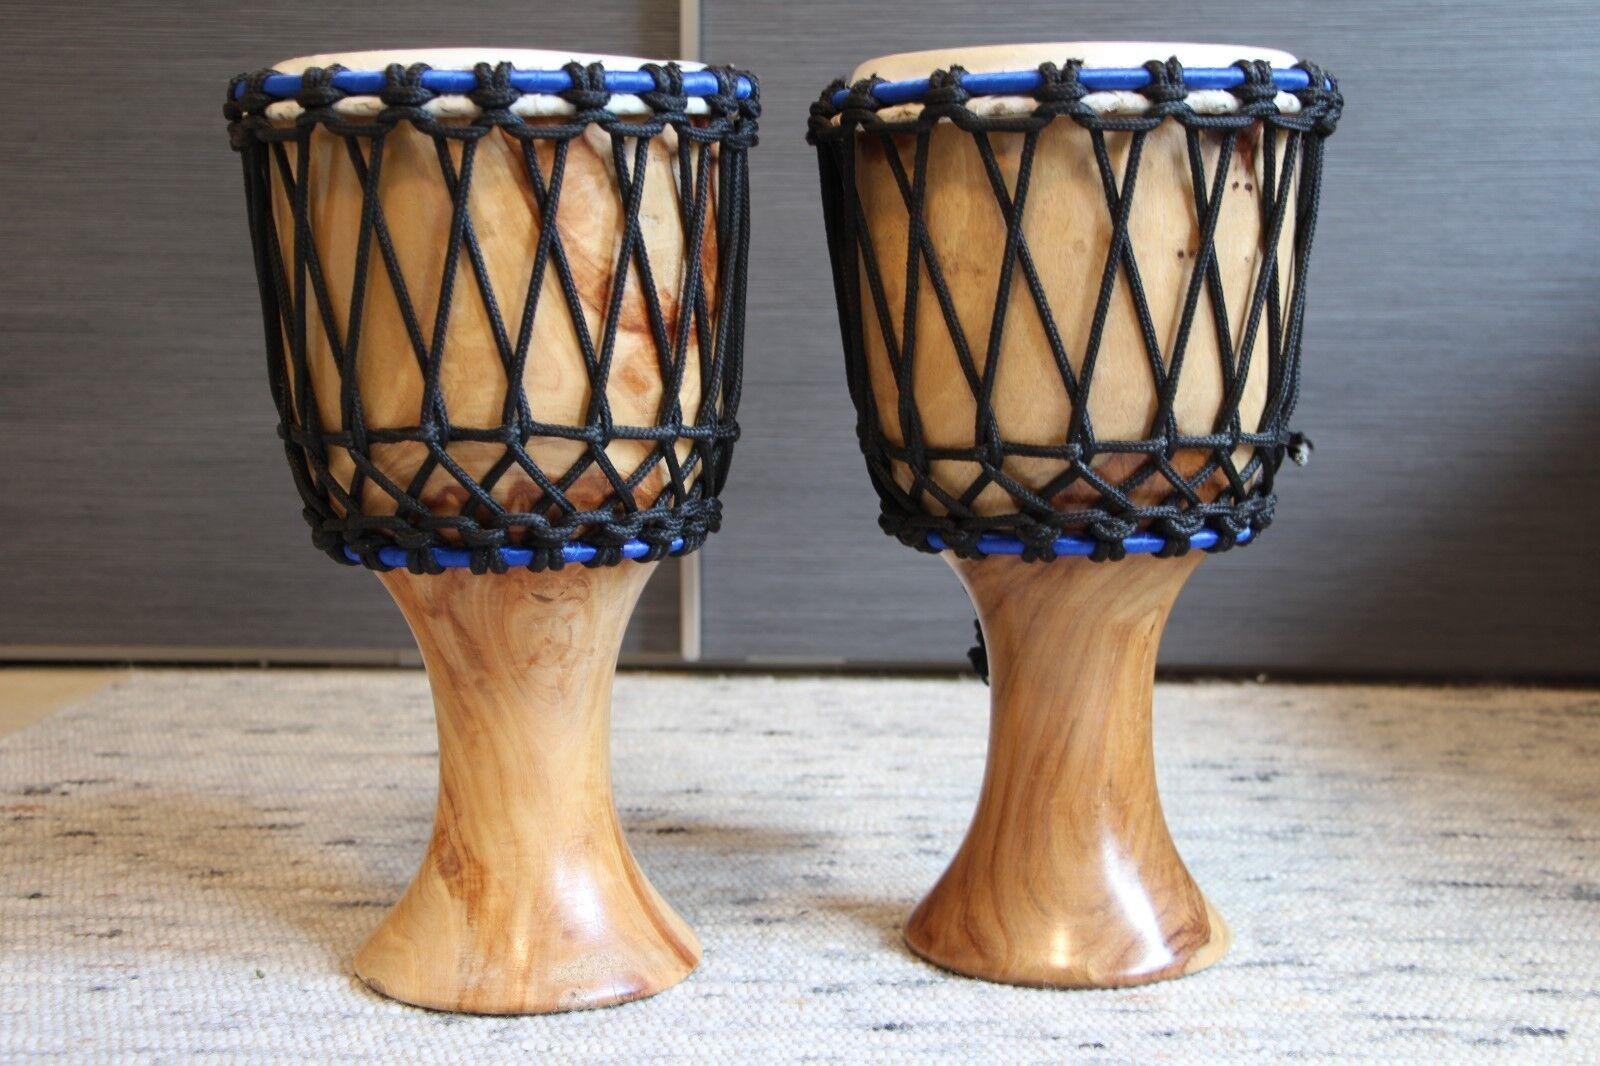 2 Afrikanische Djemben mit Schnurspannung, 41 cm hoch, Durchmesser 23 cm,